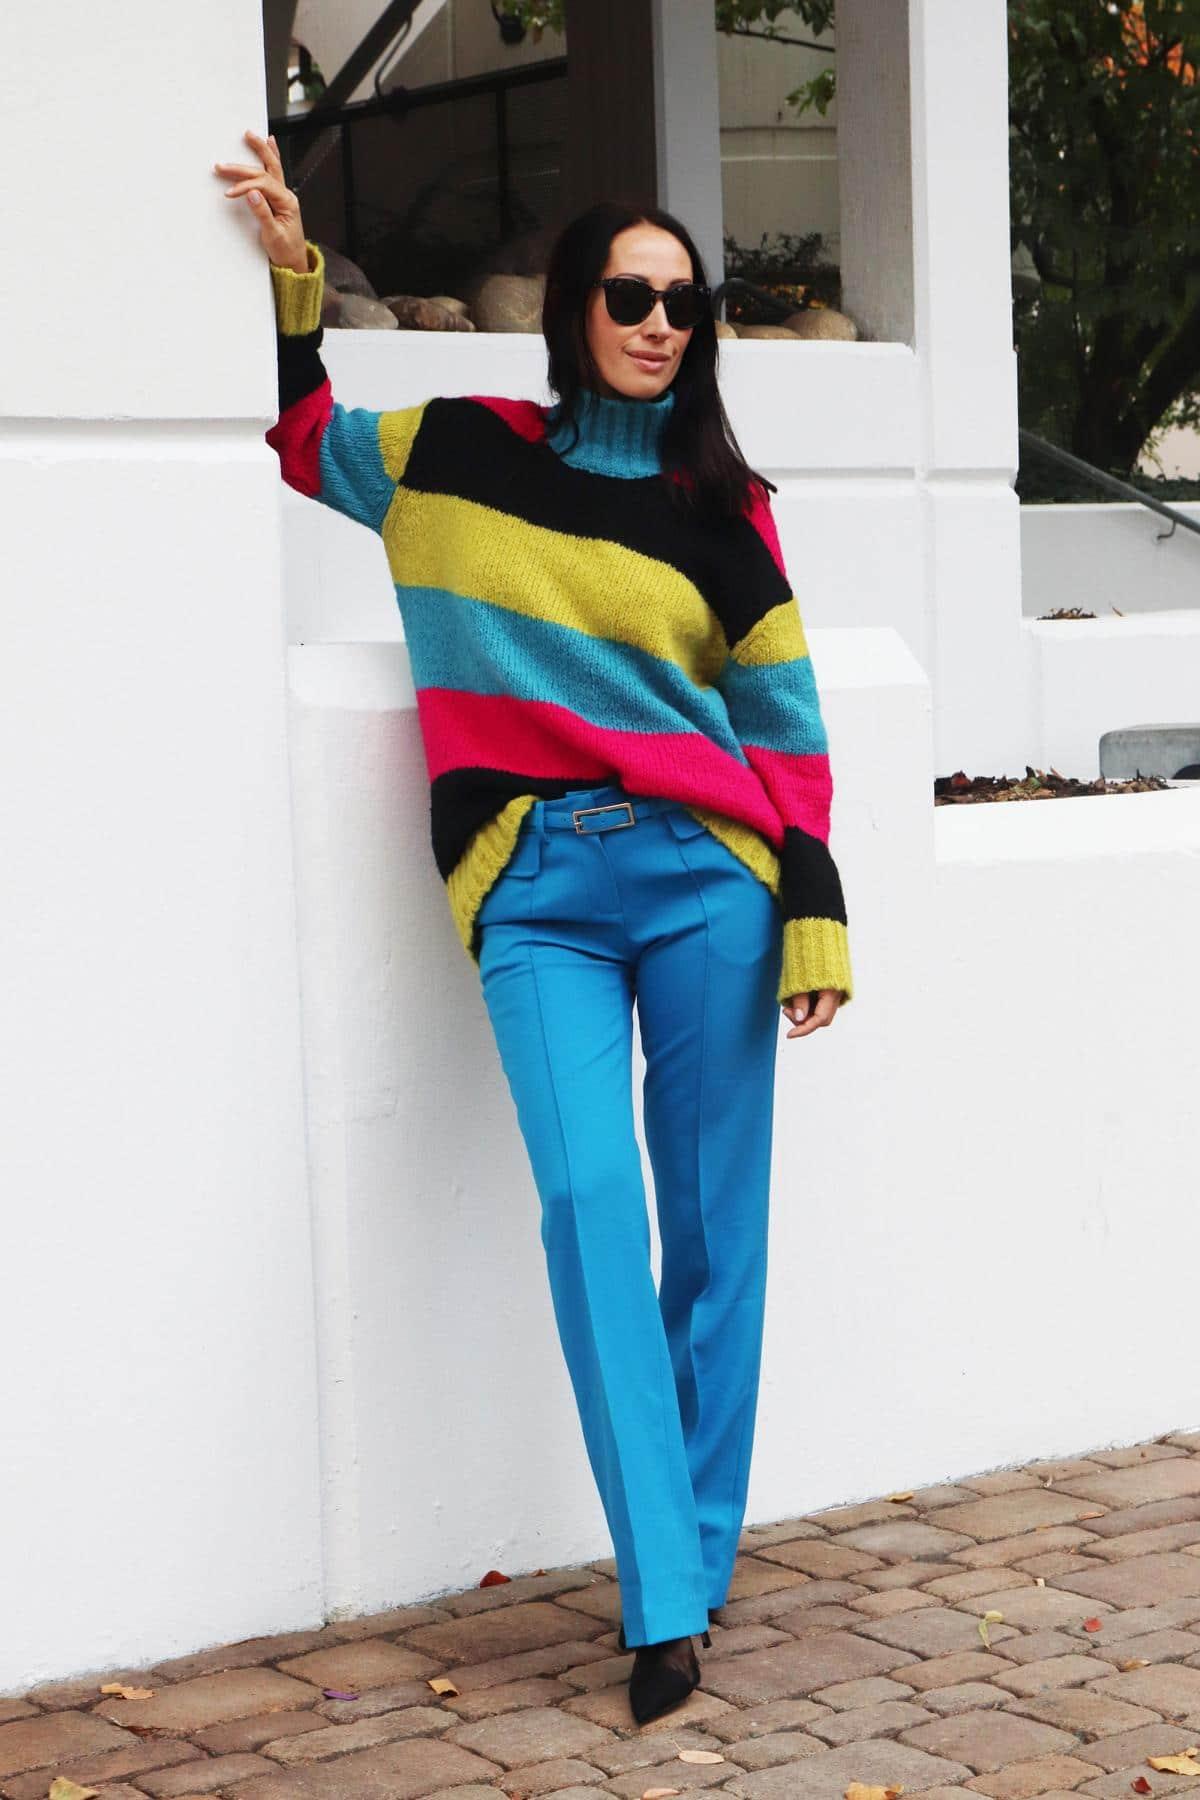 Bloggerlook mit oversized Strickpullover in Colorblocking, Designer-Stoffhose und Netz-Highheels. © Copyright Bettina Katscher 2019